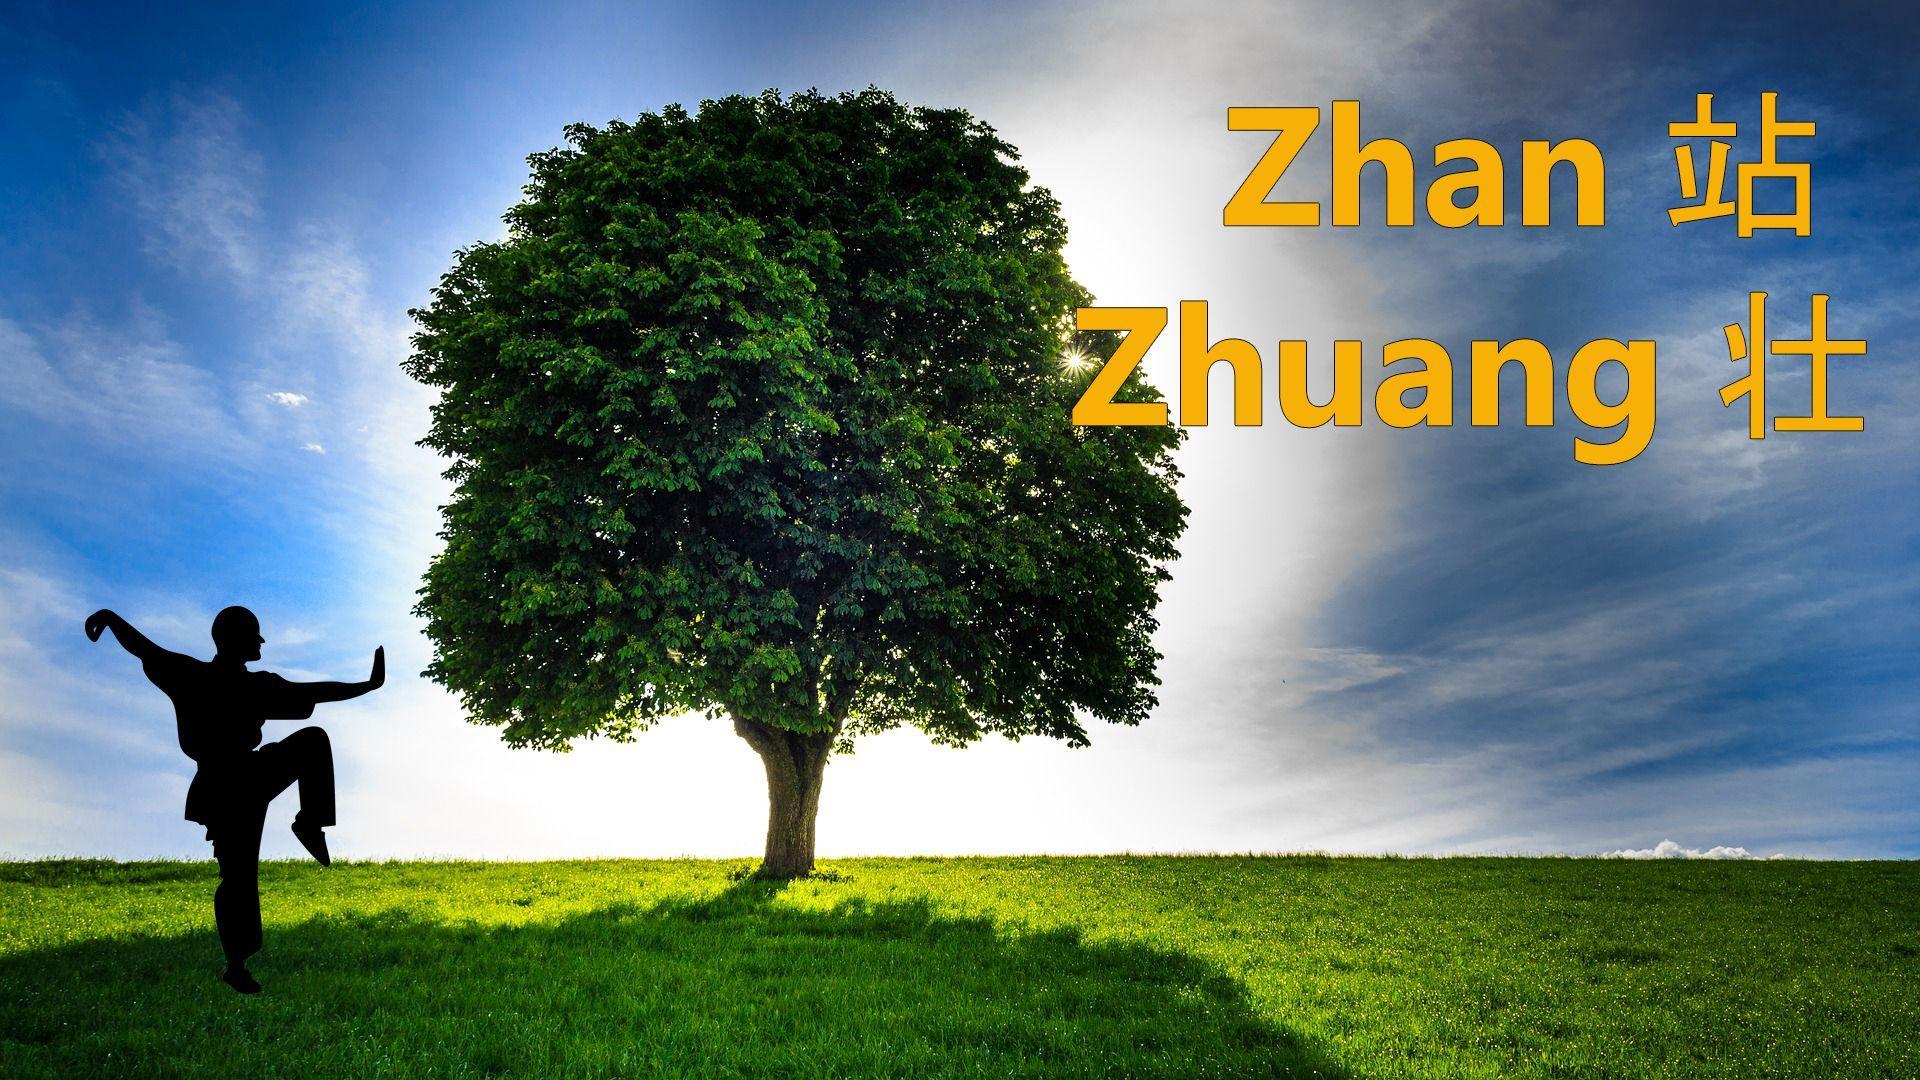 Chi Kung Zhan Zhuang (Postura del Árbol)